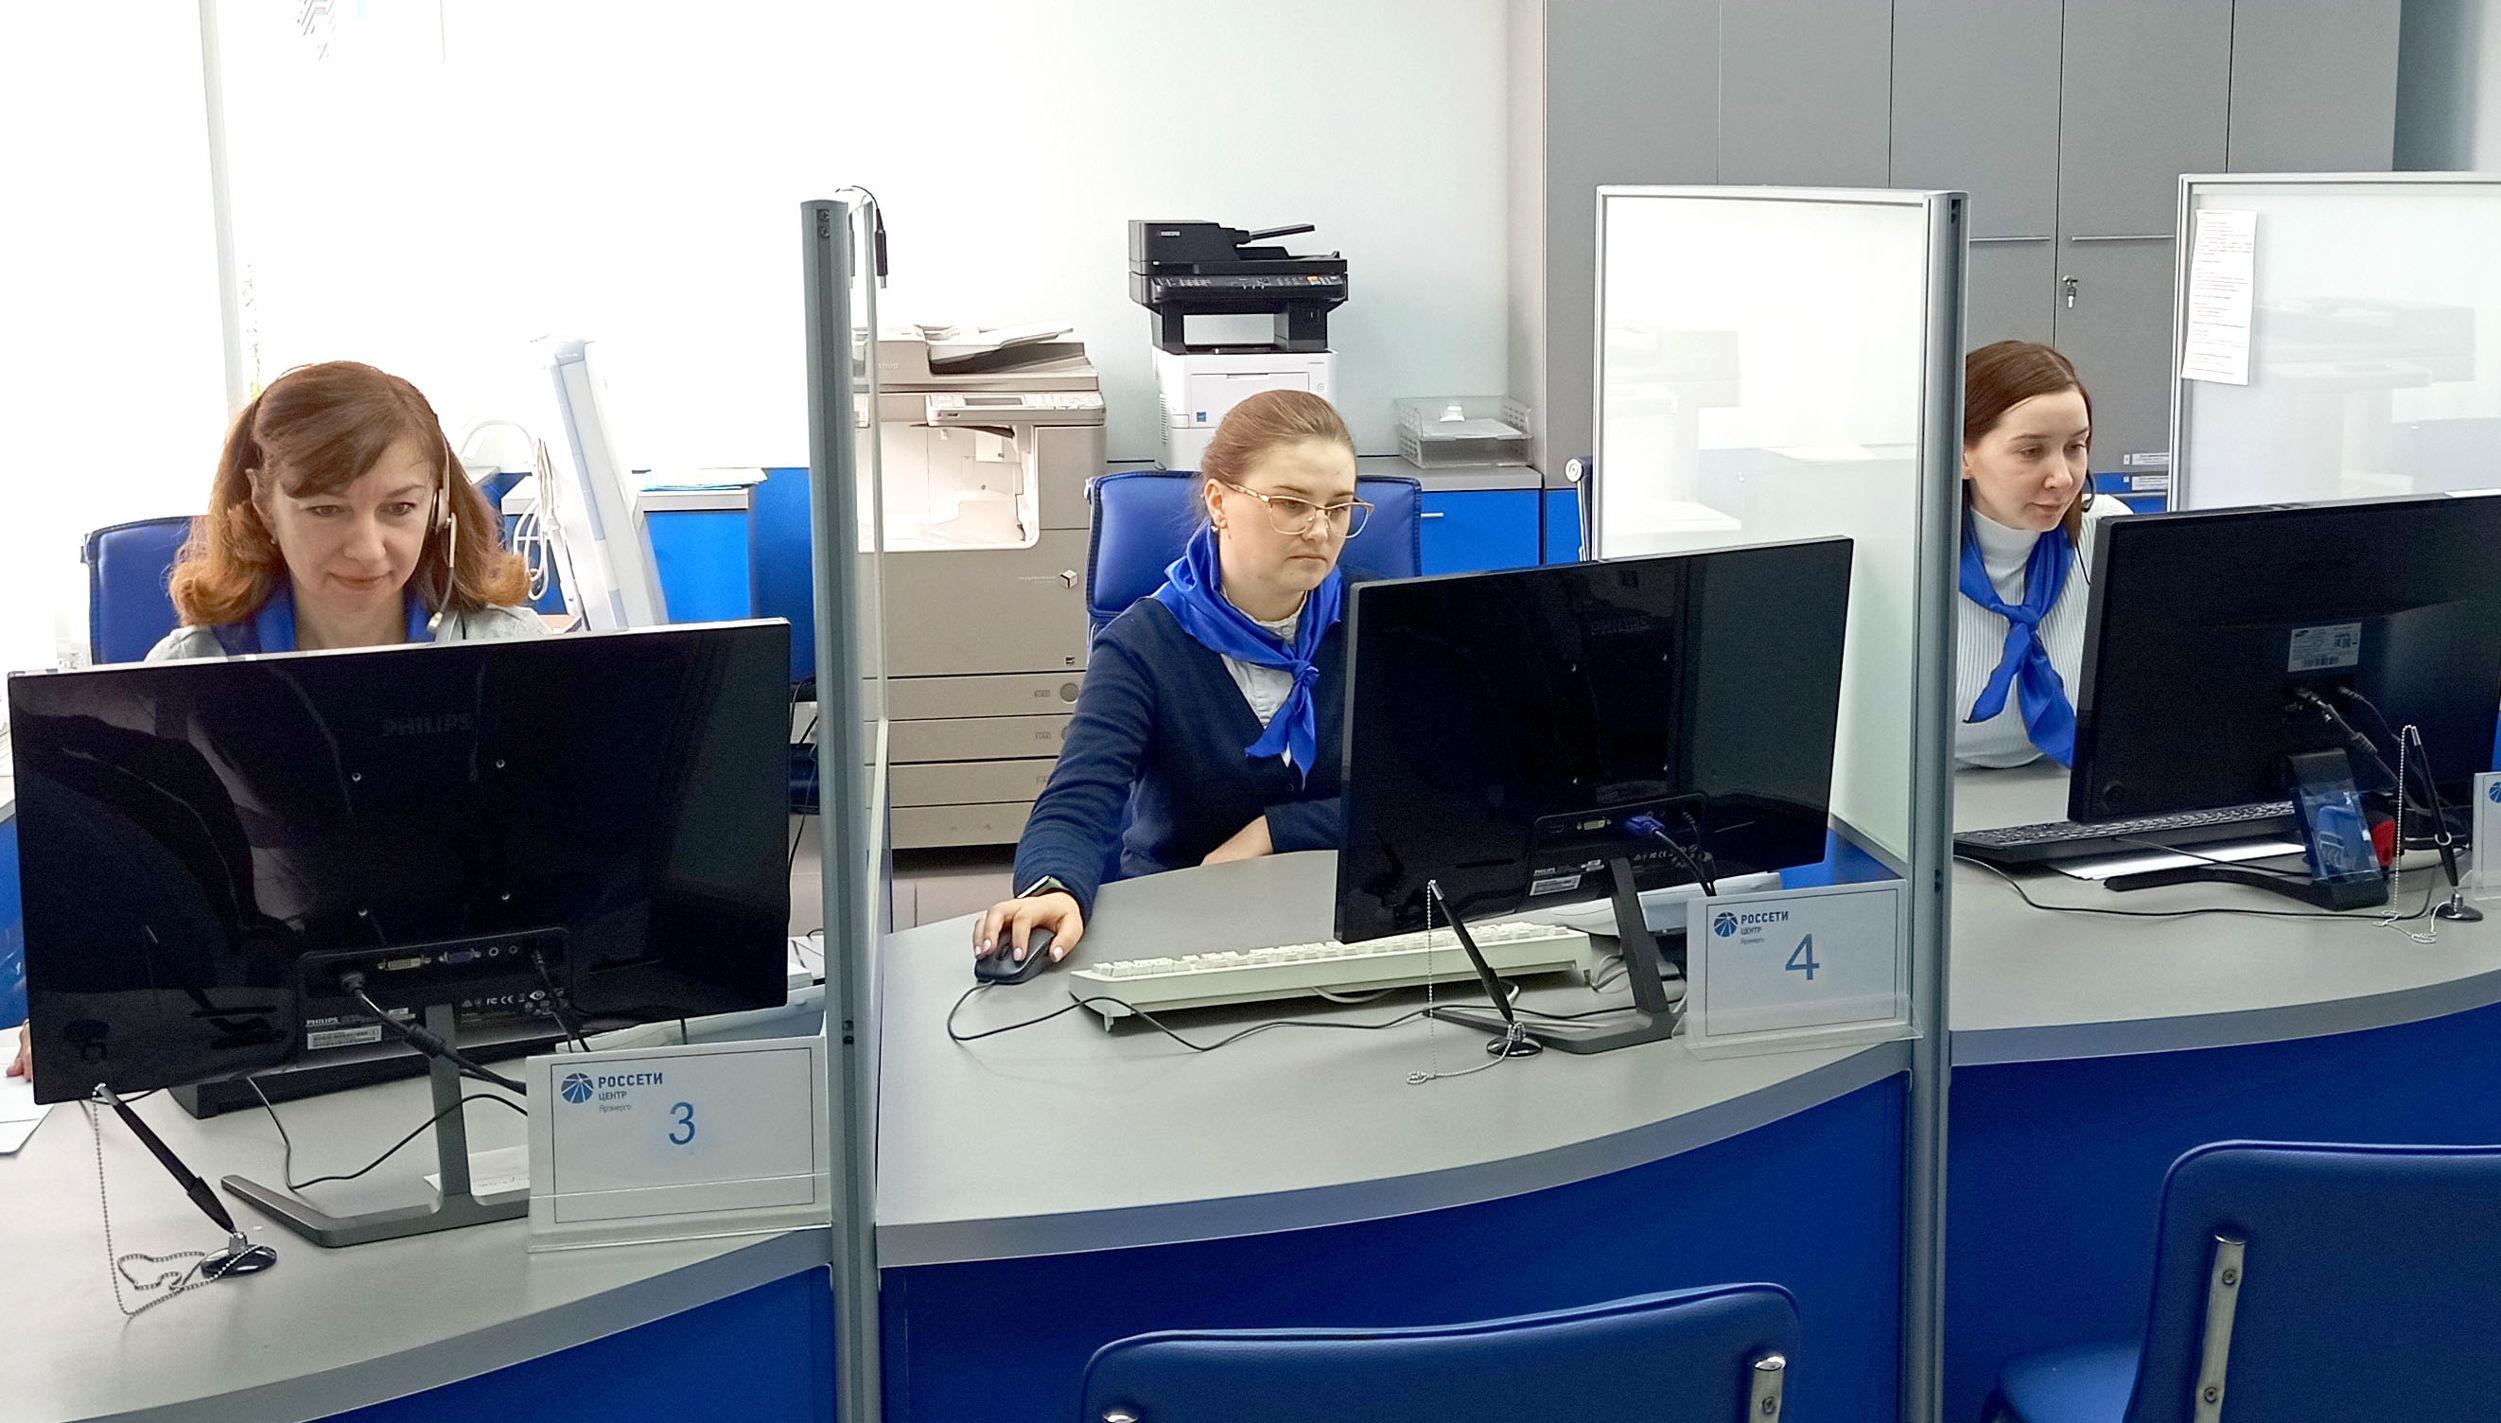 Более 21 тысячи заявок на оказание услуг обработали специалисты Ярэнерго с начала года